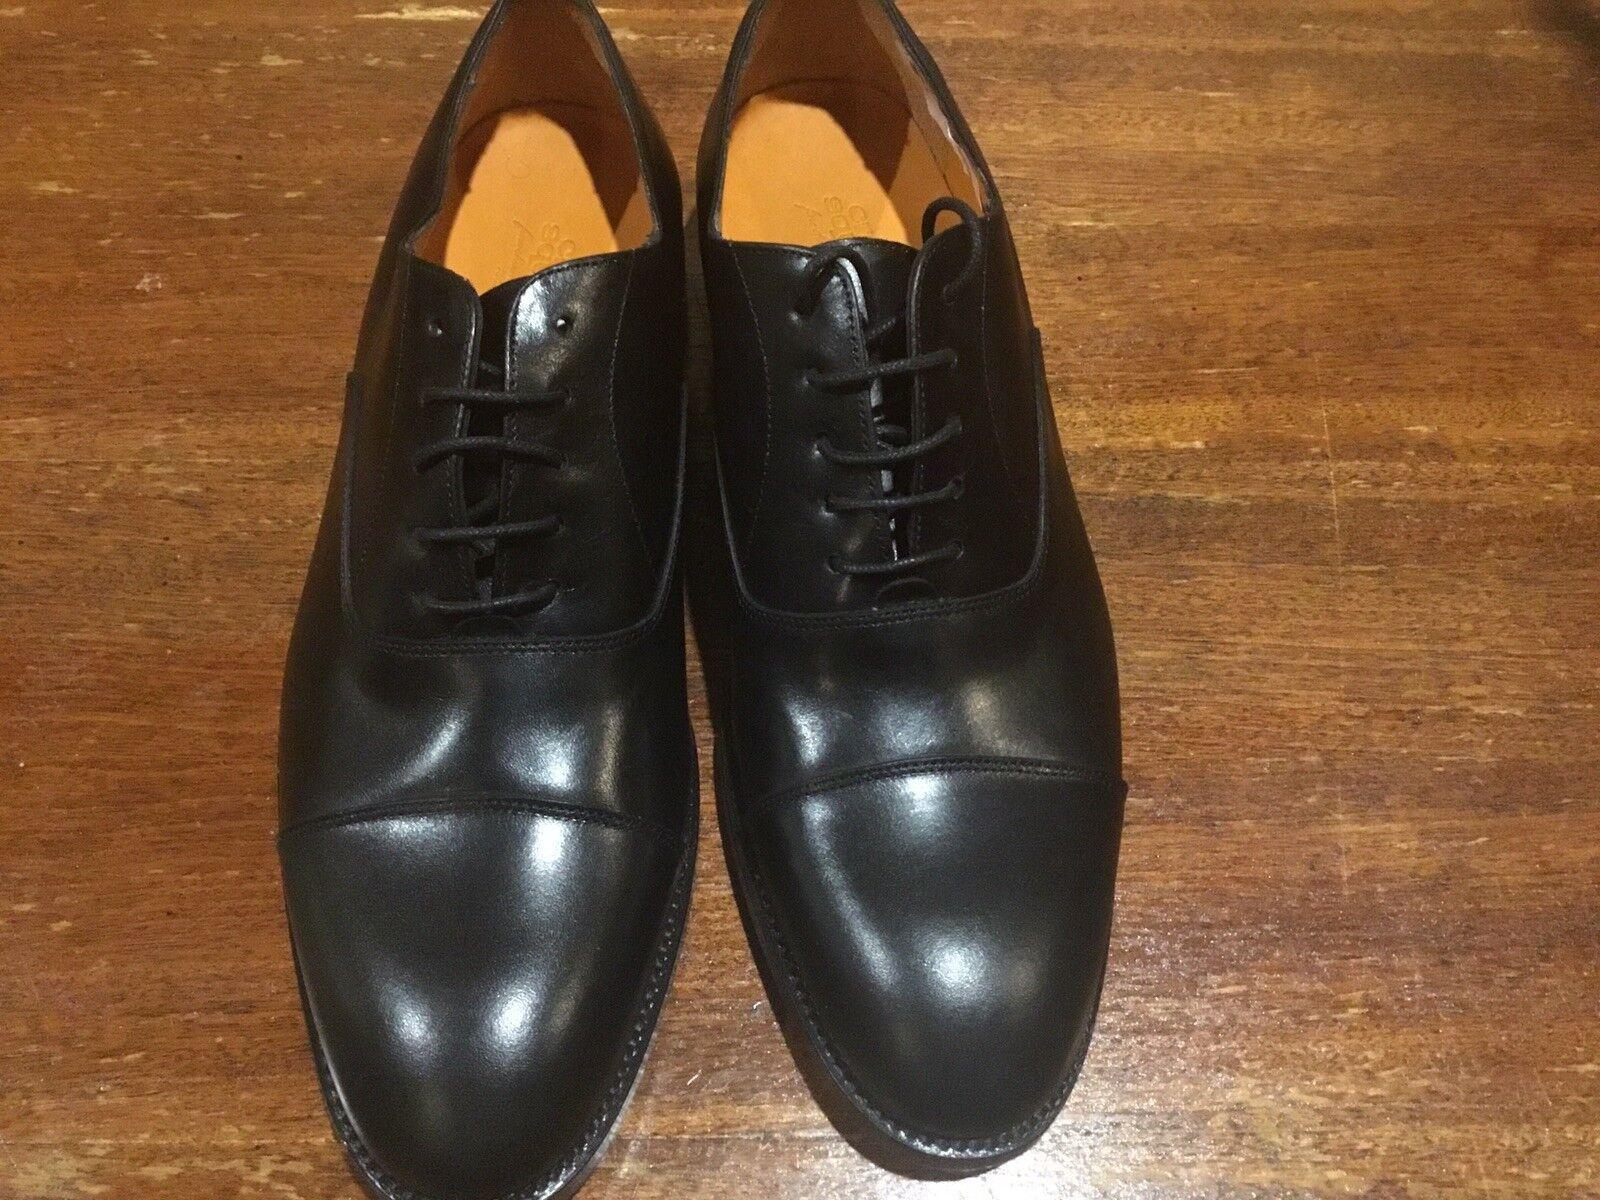 Men's Black Crosby Square Cap Toe Oxford shoes Size 9D